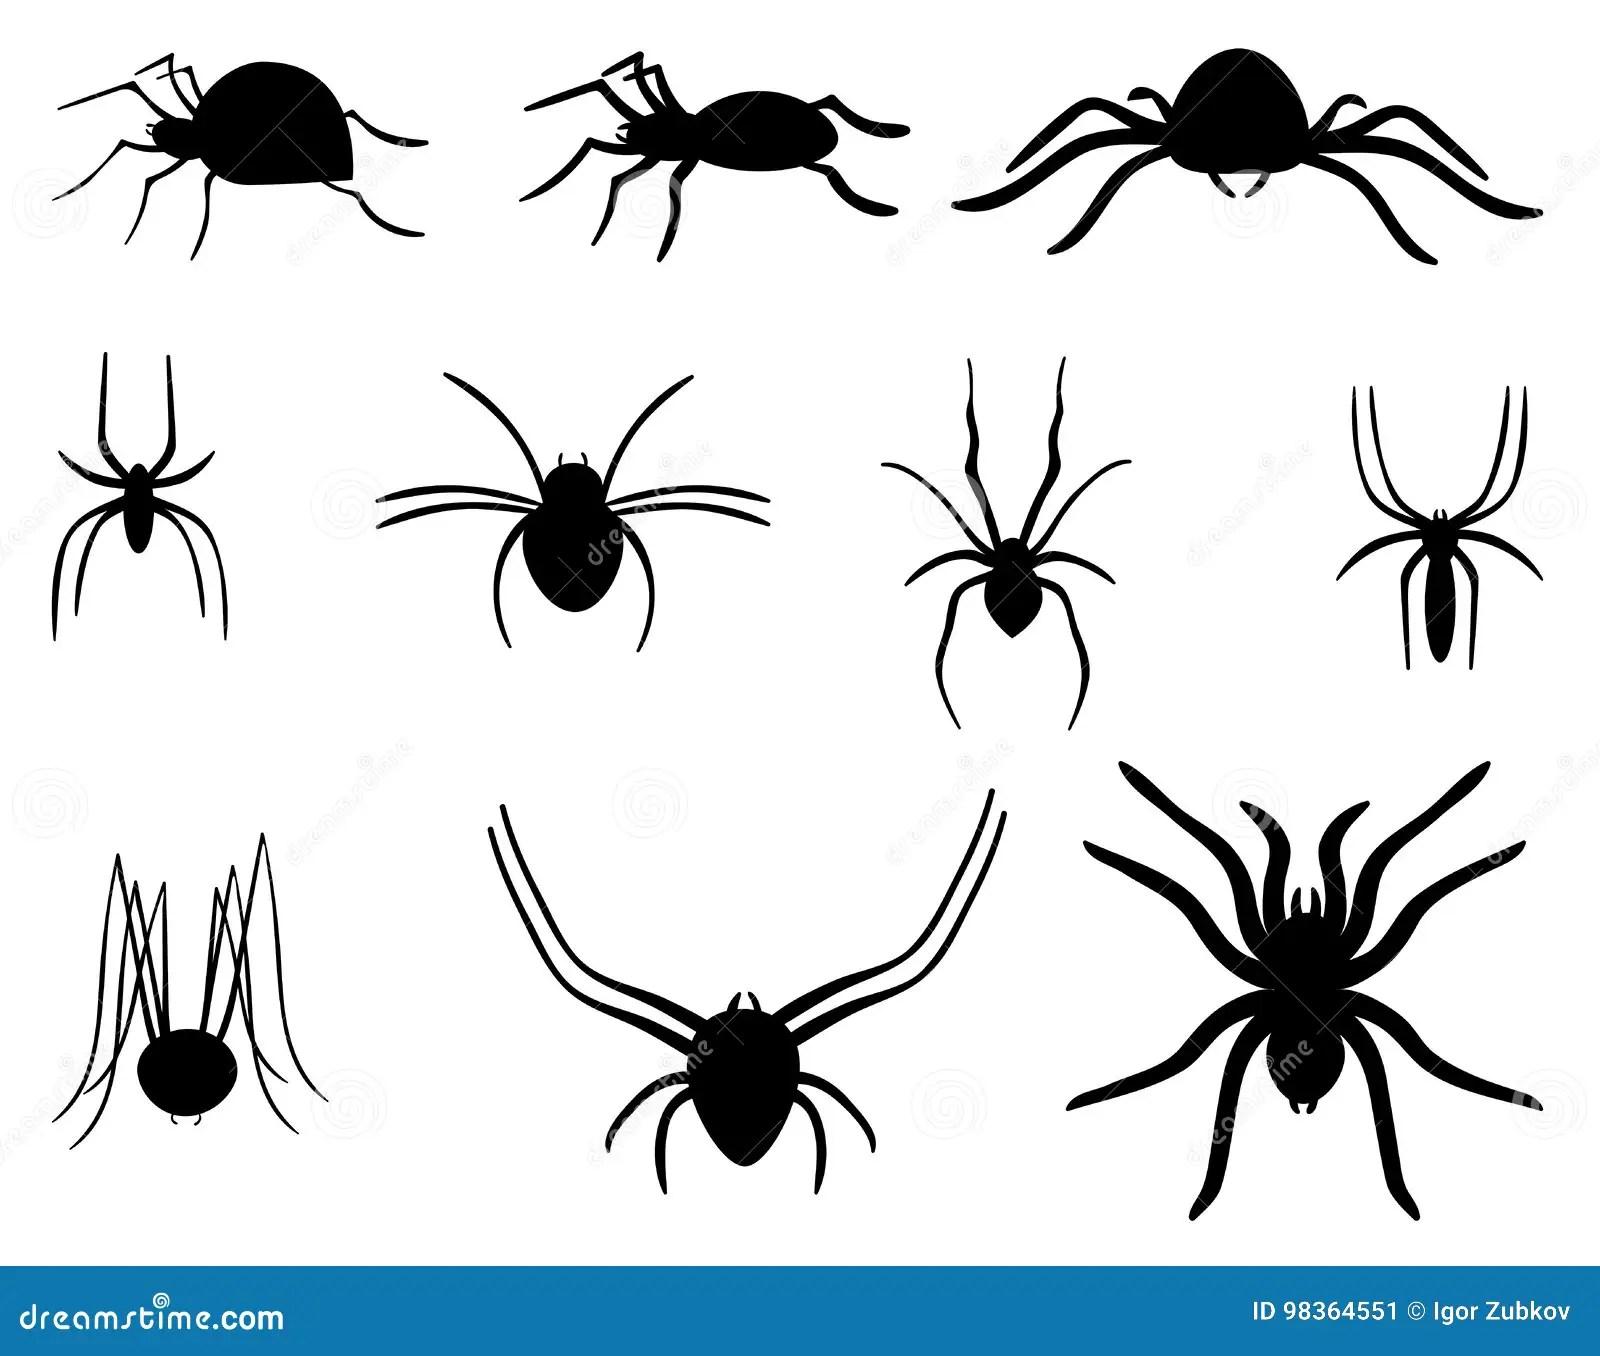 Um Grupo De Aranhas Coleção De Aranhas Preto E Branco